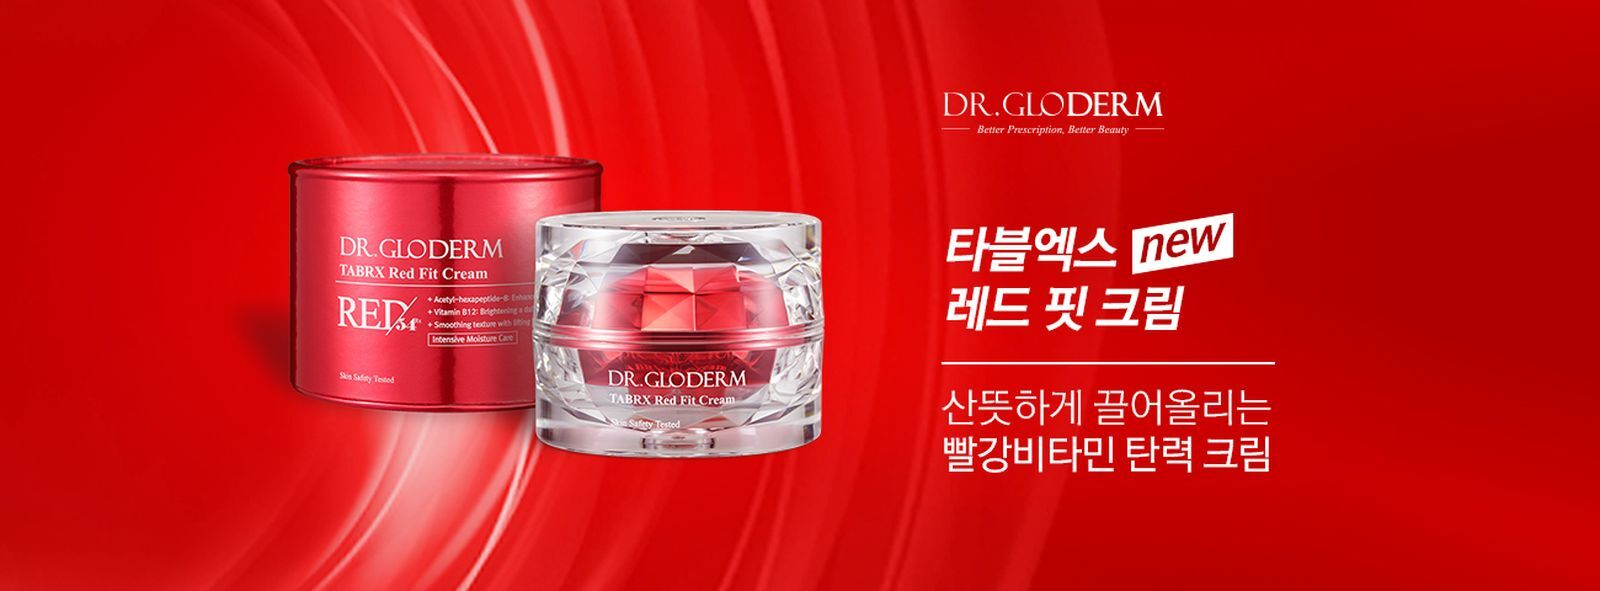 Крем для лица Dr.Gloderm Tabrx Red Fit Cream, увлажняющий, 50 г